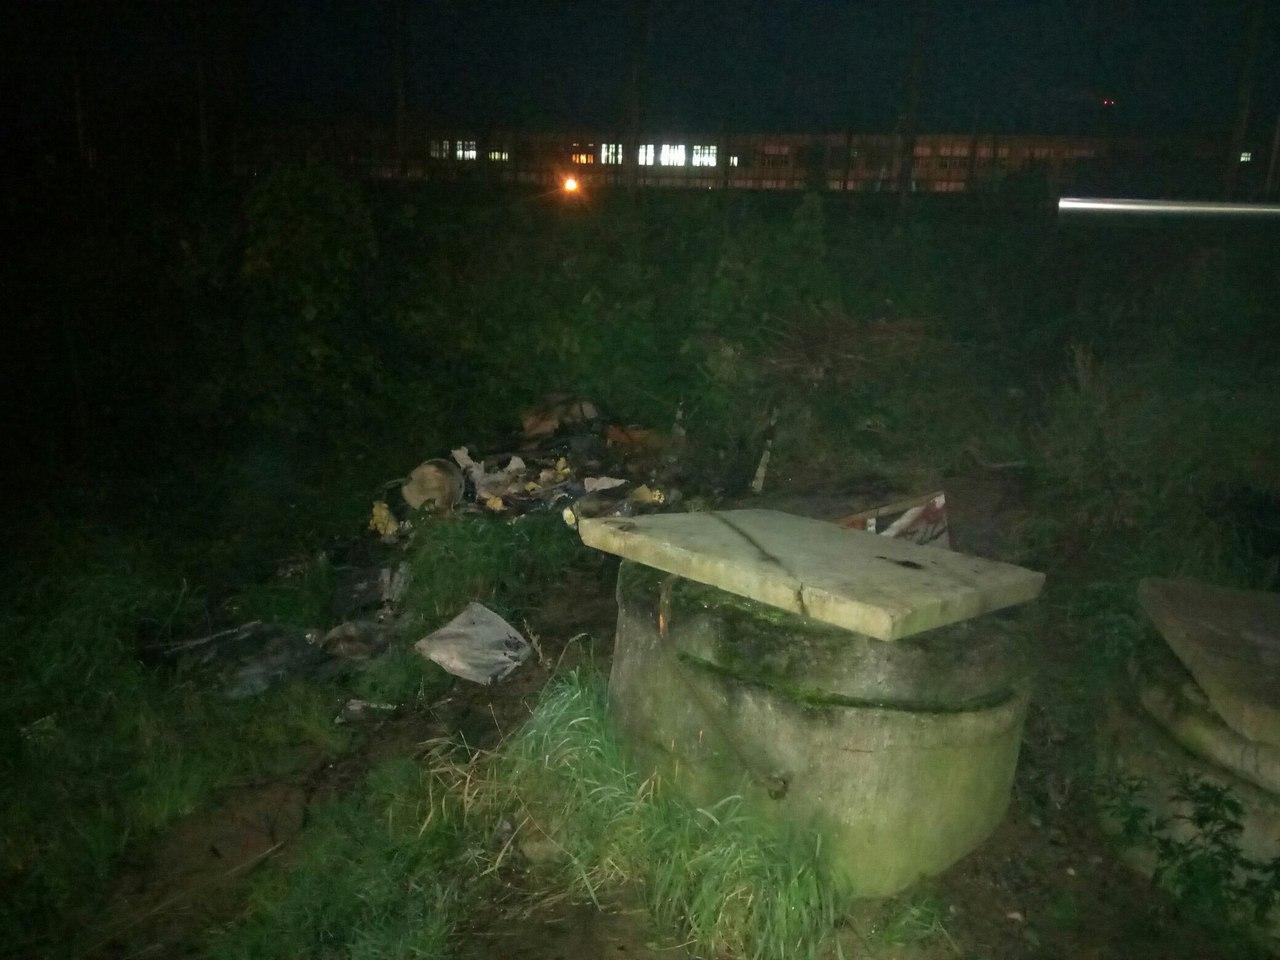 мусорка на месте раздачи горячей еды